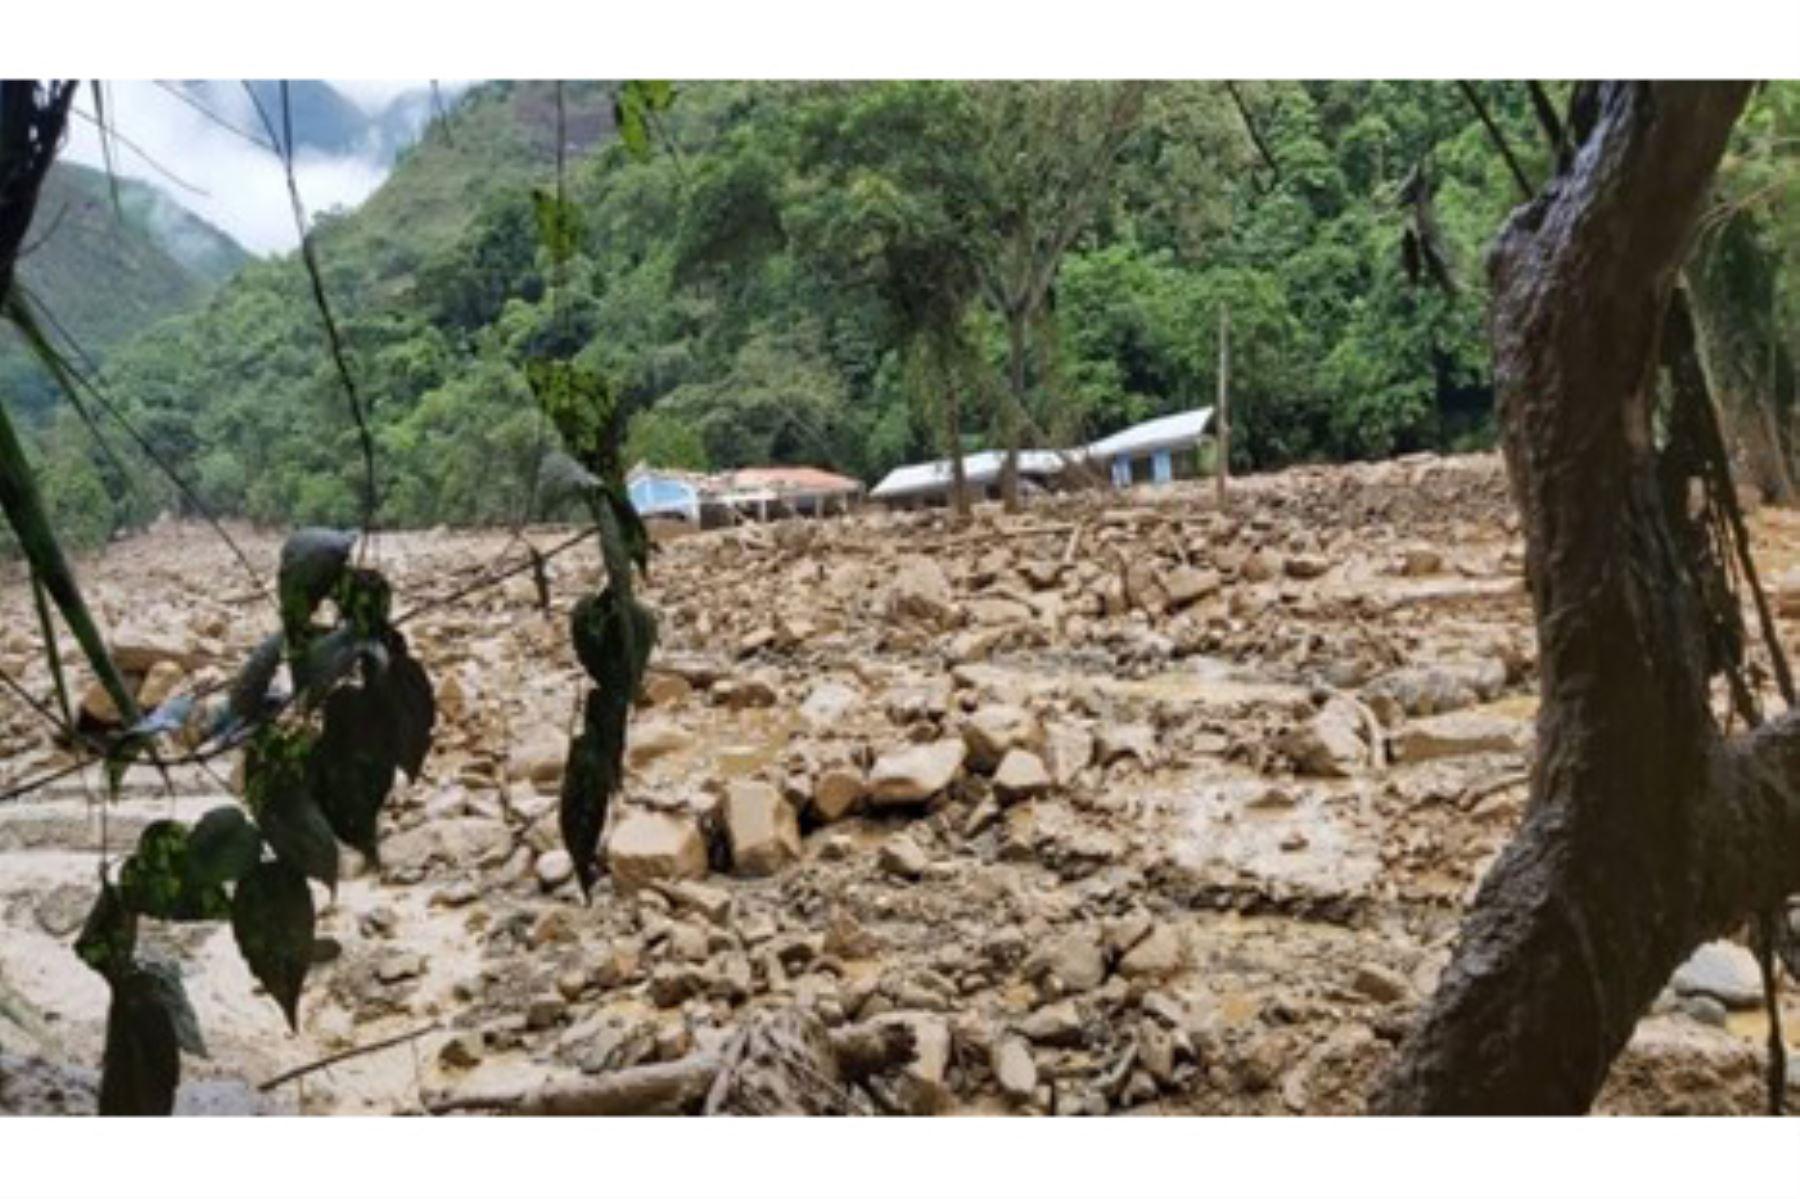 Los distritos de Echarate y Santa Ana, en la selva de la región Cusco, son azotados por las lluvias intensas. Foto: ANDINA/Difusión